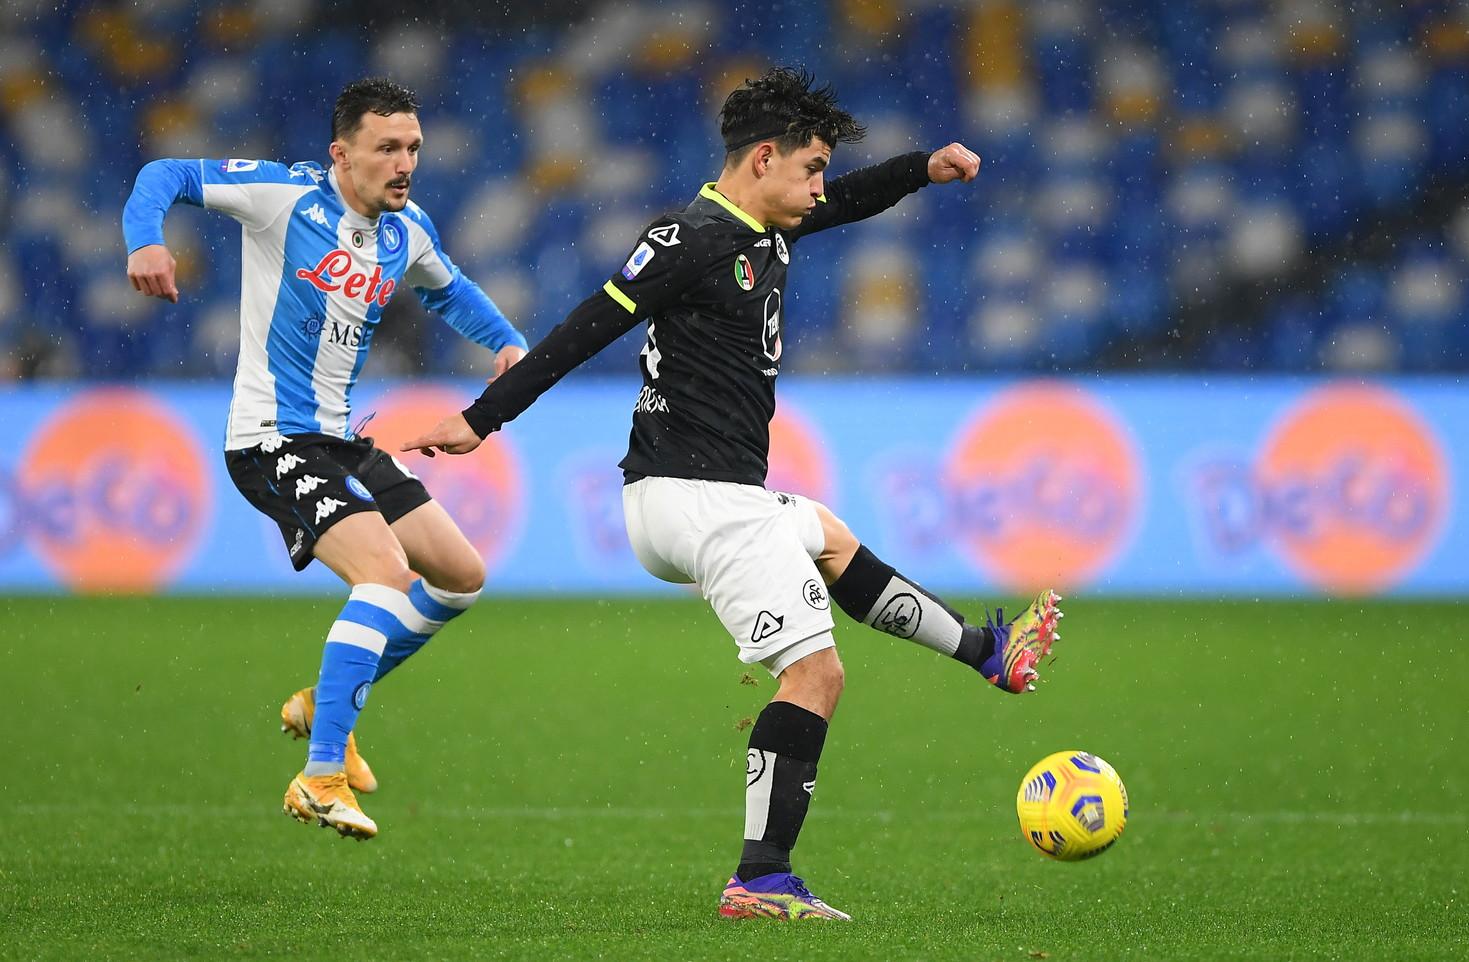 Al &quot;Maradona&quot; partita sotto la pioggia con tante occasioni e vittoria a sorpresa dello Spezia in rimonta sul Napoli. (foto Getty Images e LaPresse)<br /><br />